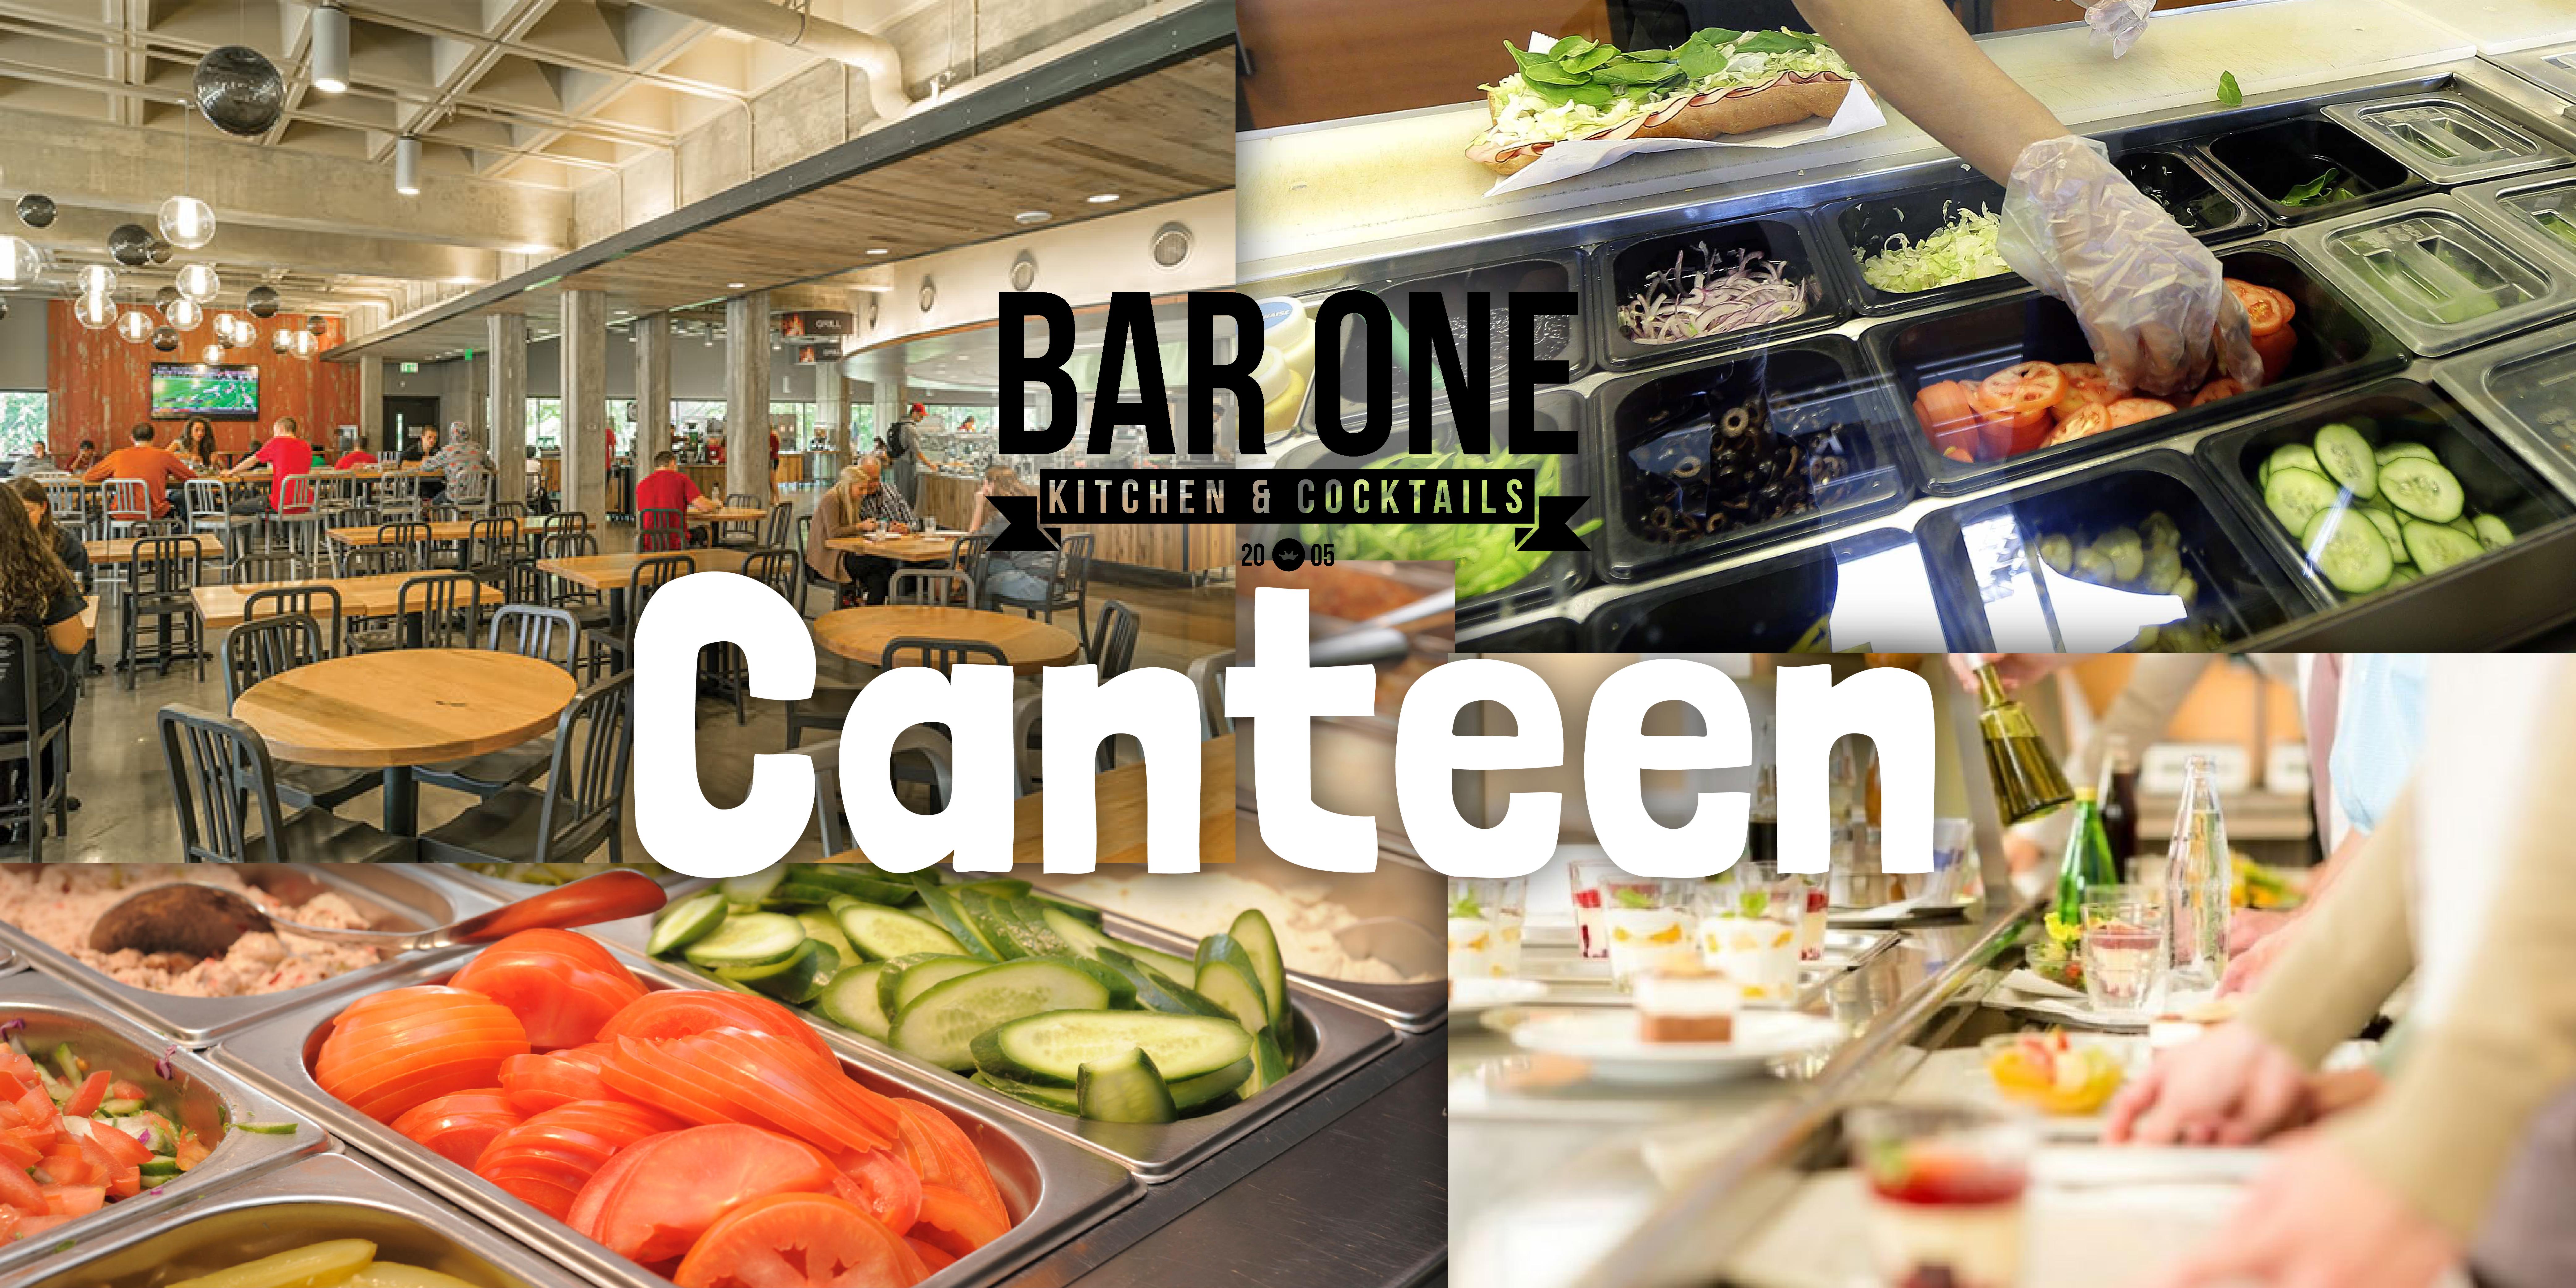 Barone canteen 01